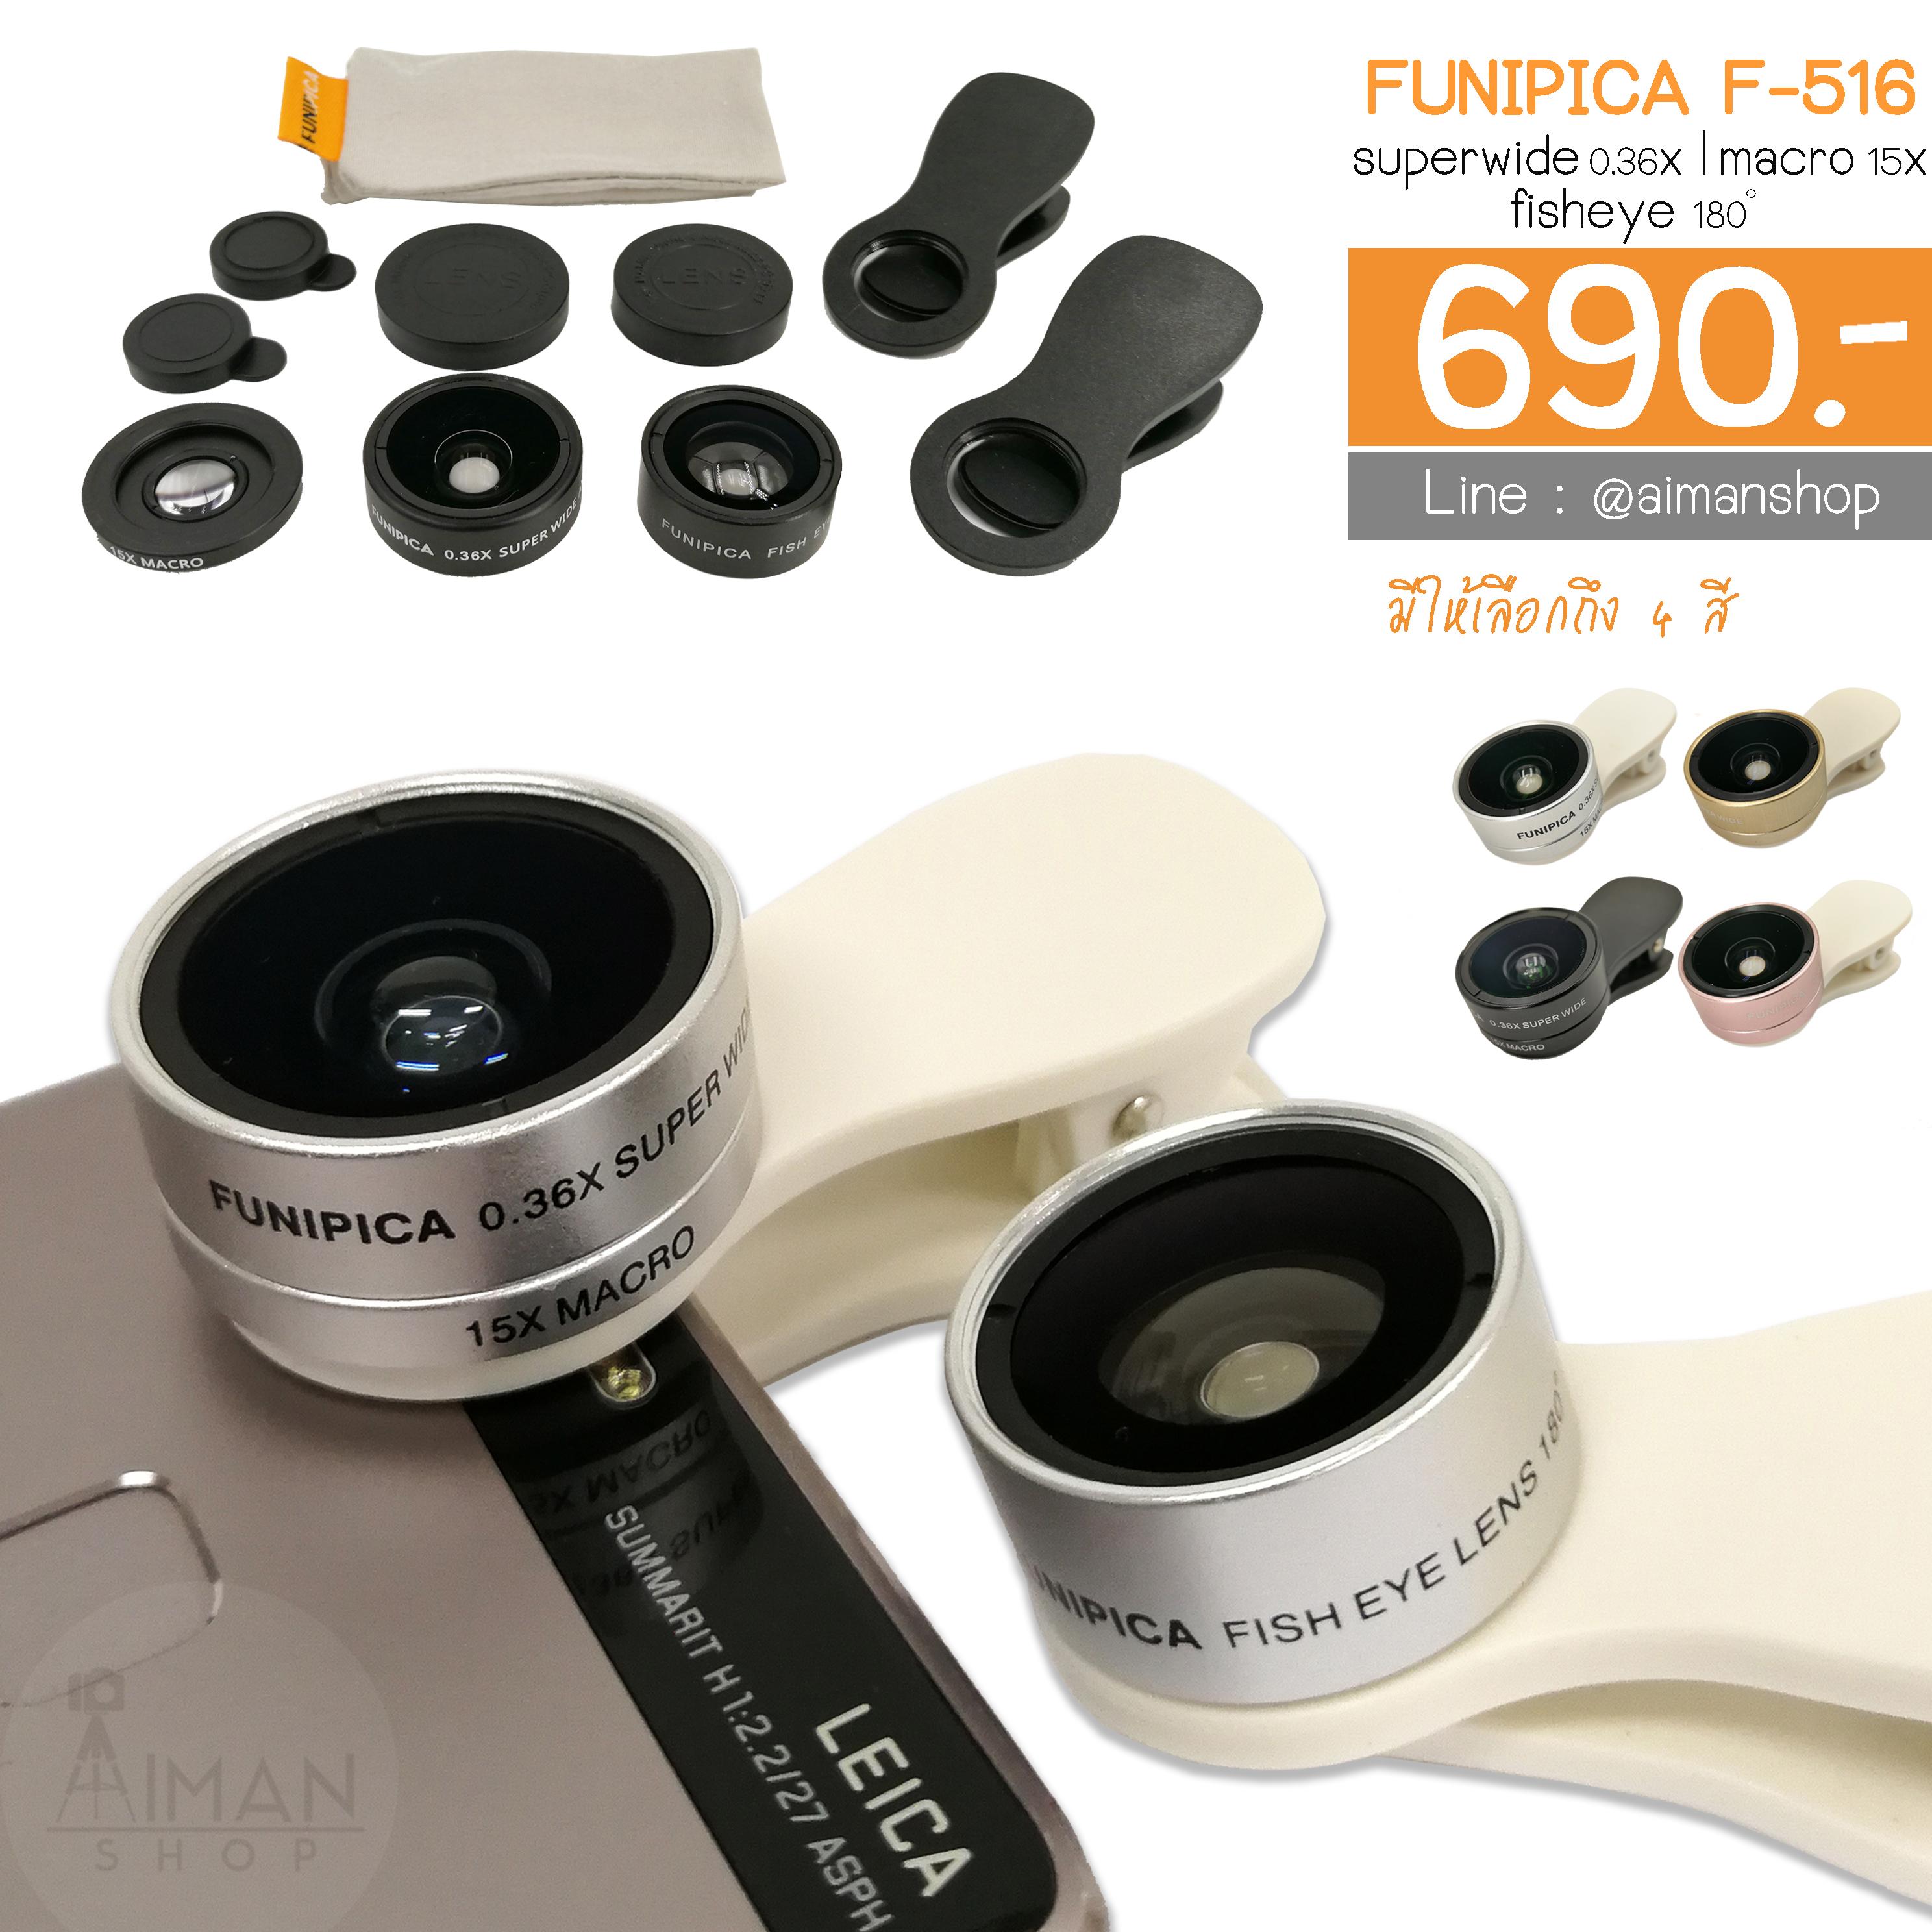 เลนส์มือถือ Funipica F-516 (superwide 0.36x + fisheye180 + macro15x)